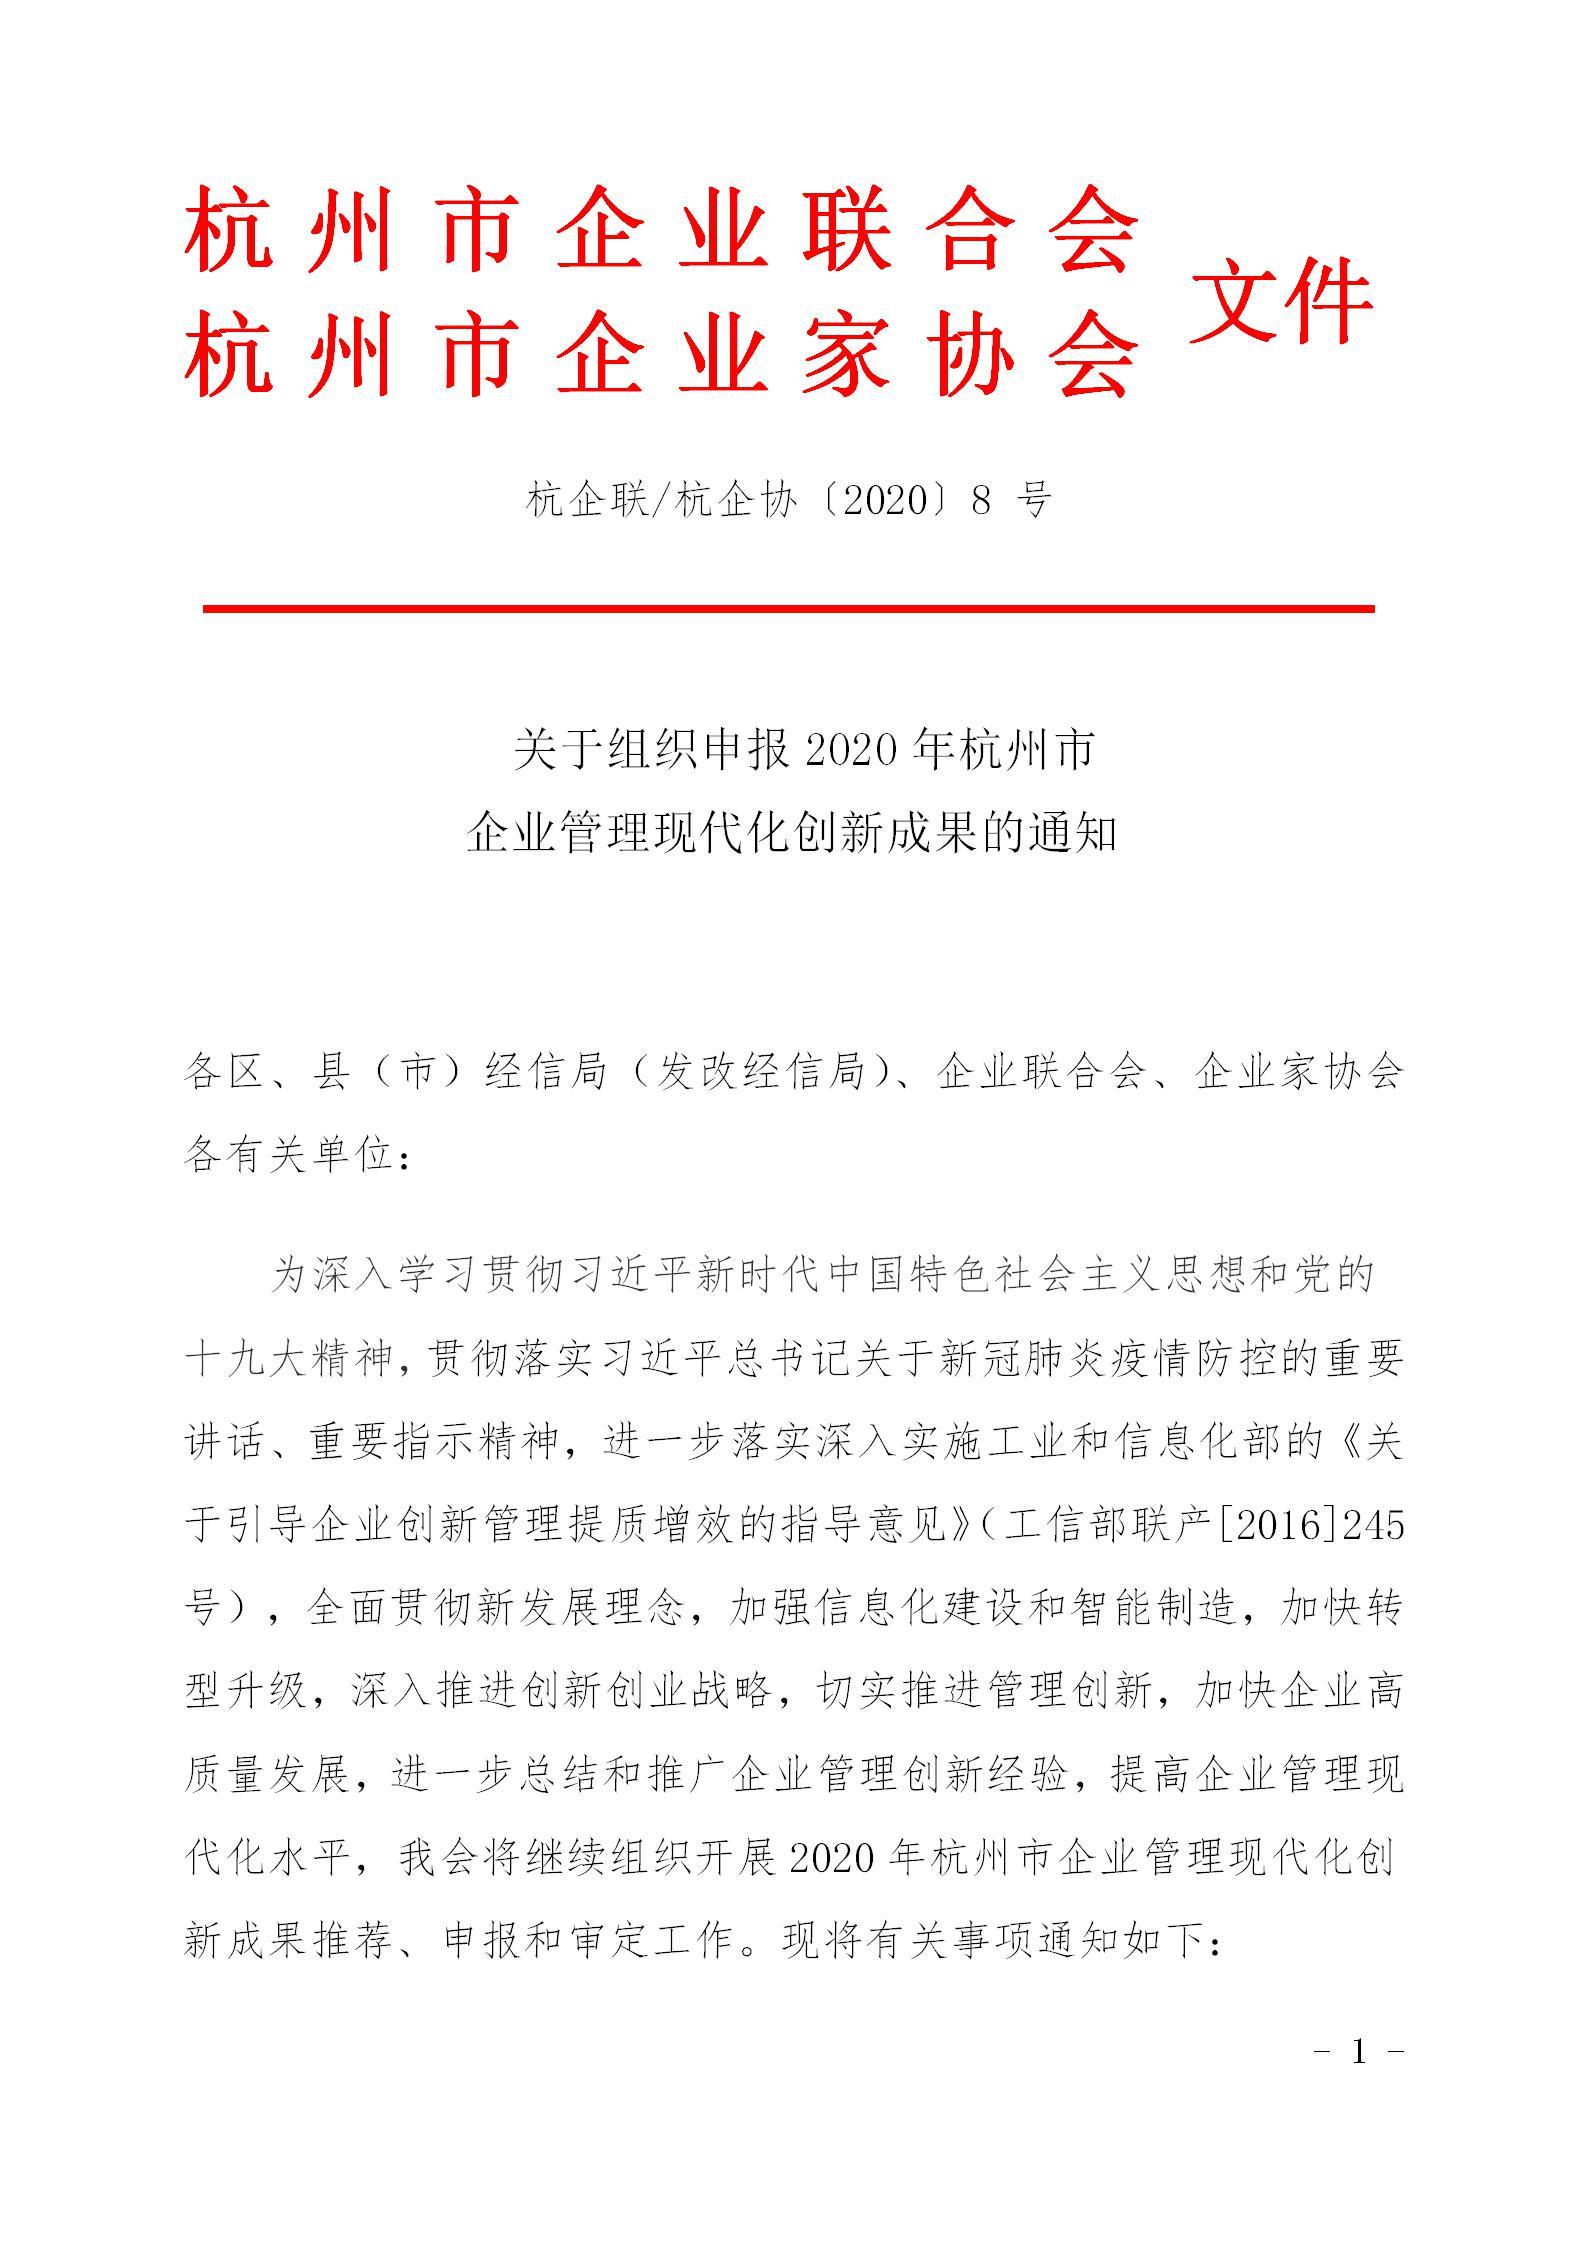 2020年杭州市企业管理现代化创新成果_01.jpg